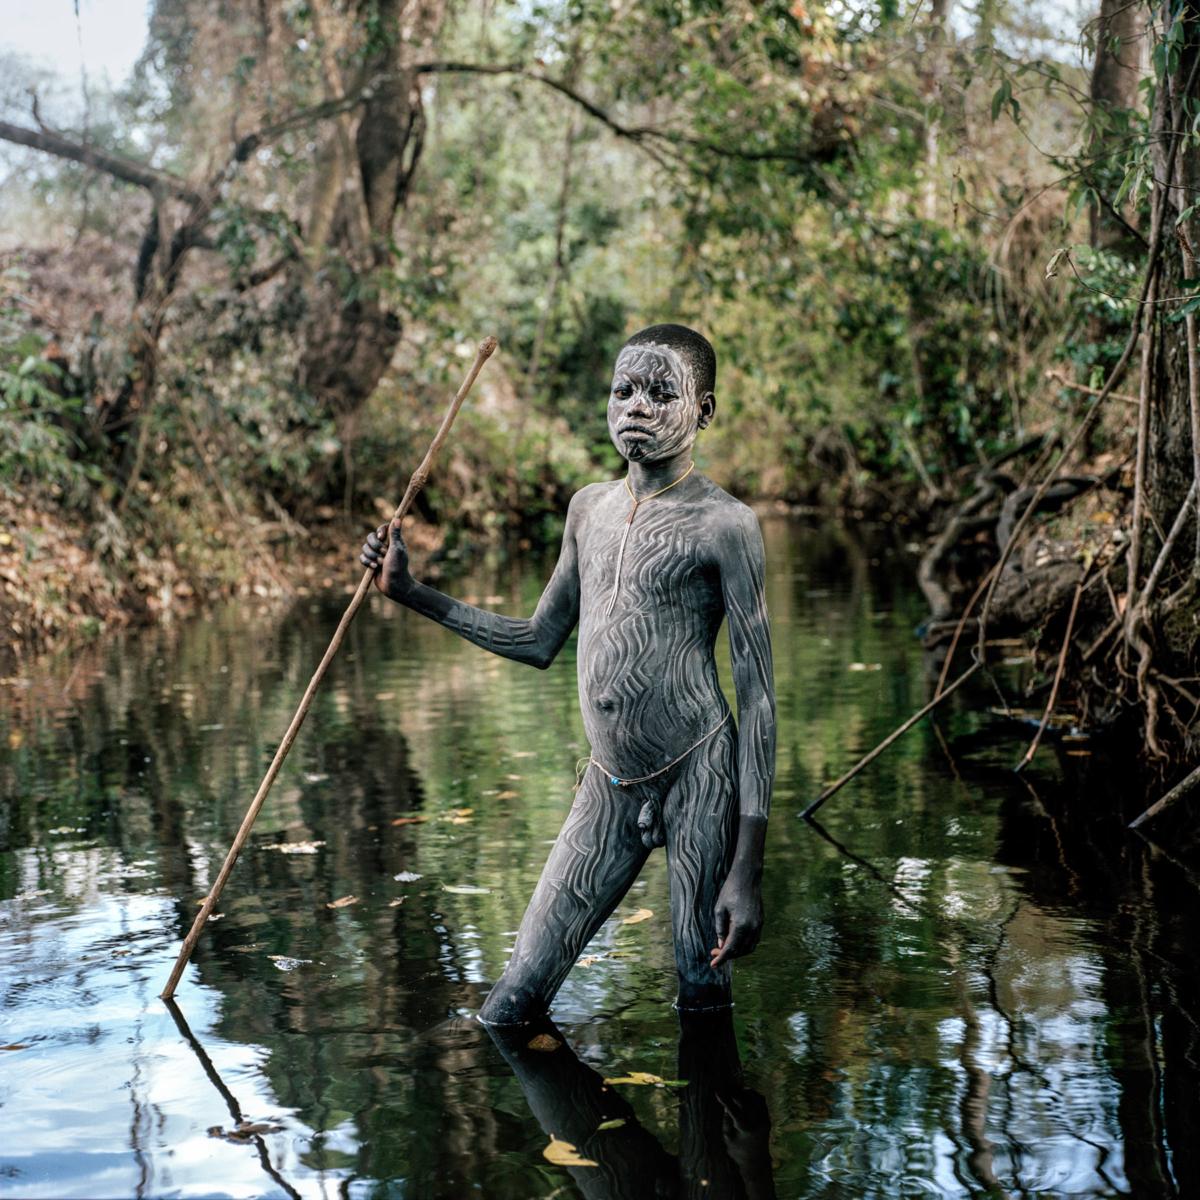 Surmas #13, Ethiopie, 2011 Photographie Fine Art print sur papier Hahnemühle 100 x 100 cm, SG-SU13 ©Stephan Gladieu